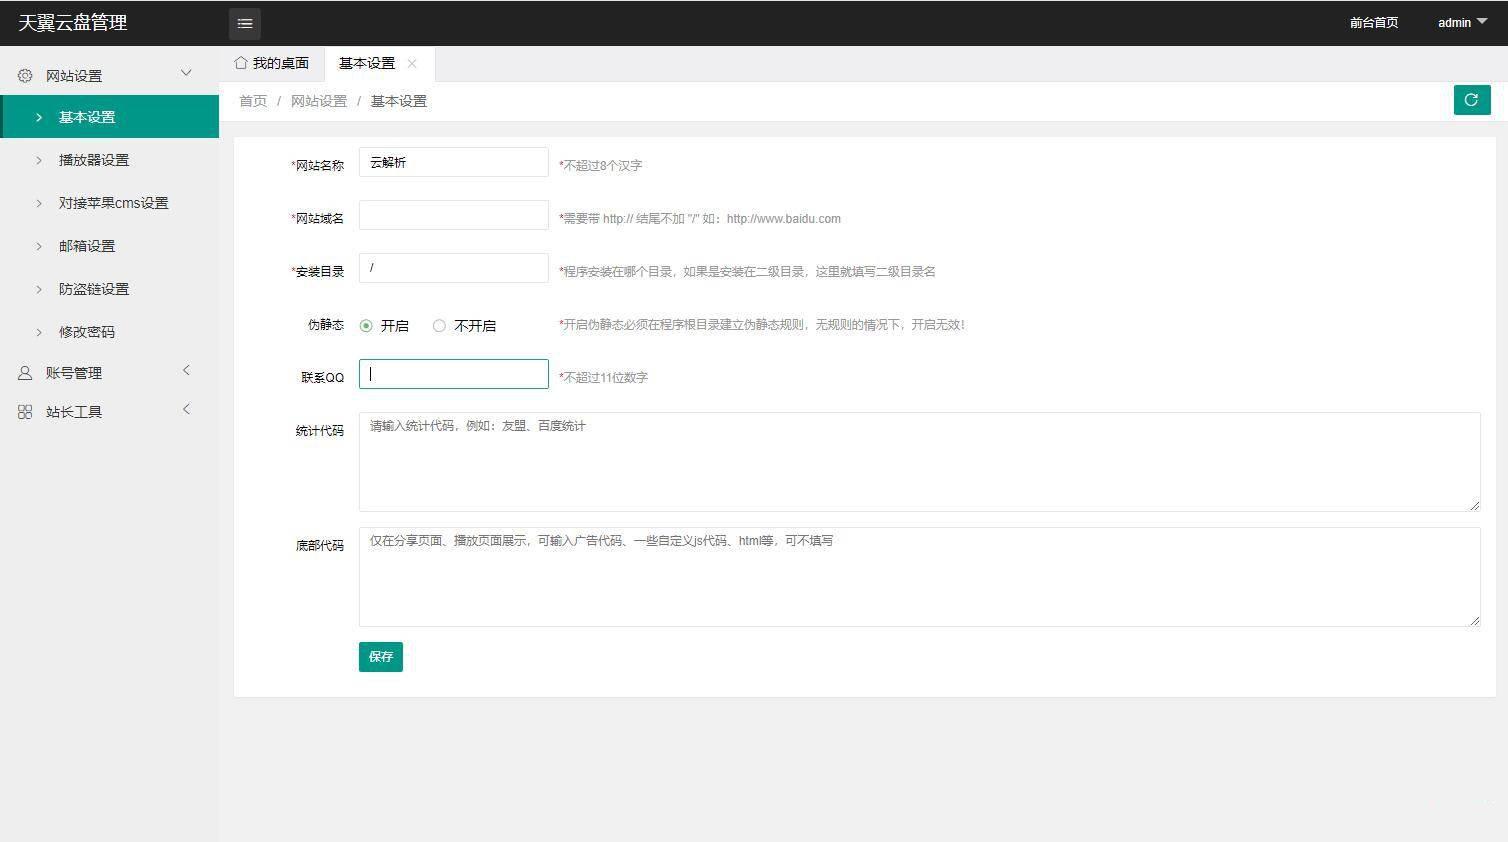 天翼网盘在线直链解析源码,测试可用。